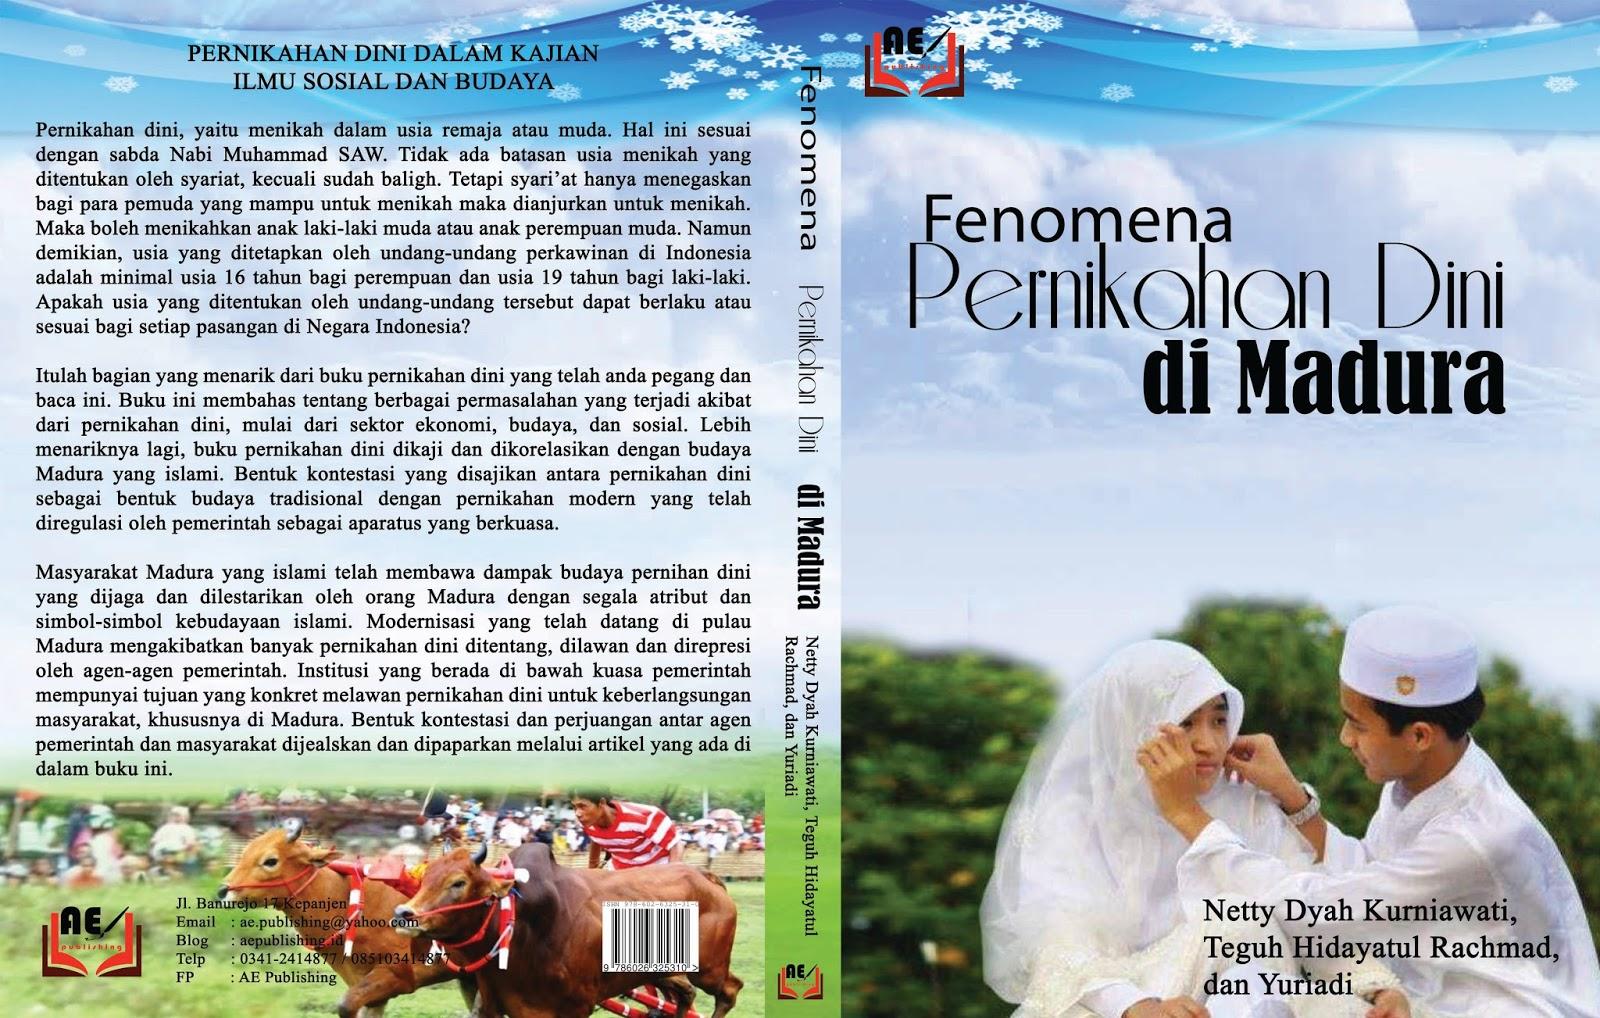 Fenomena Pernikahan Dini Di Madura Netty Dyah Kurniawati Teguh Hidayatul Rachmad Dan Yuriadi Ae Publishing Penerbit Indie Terbaik